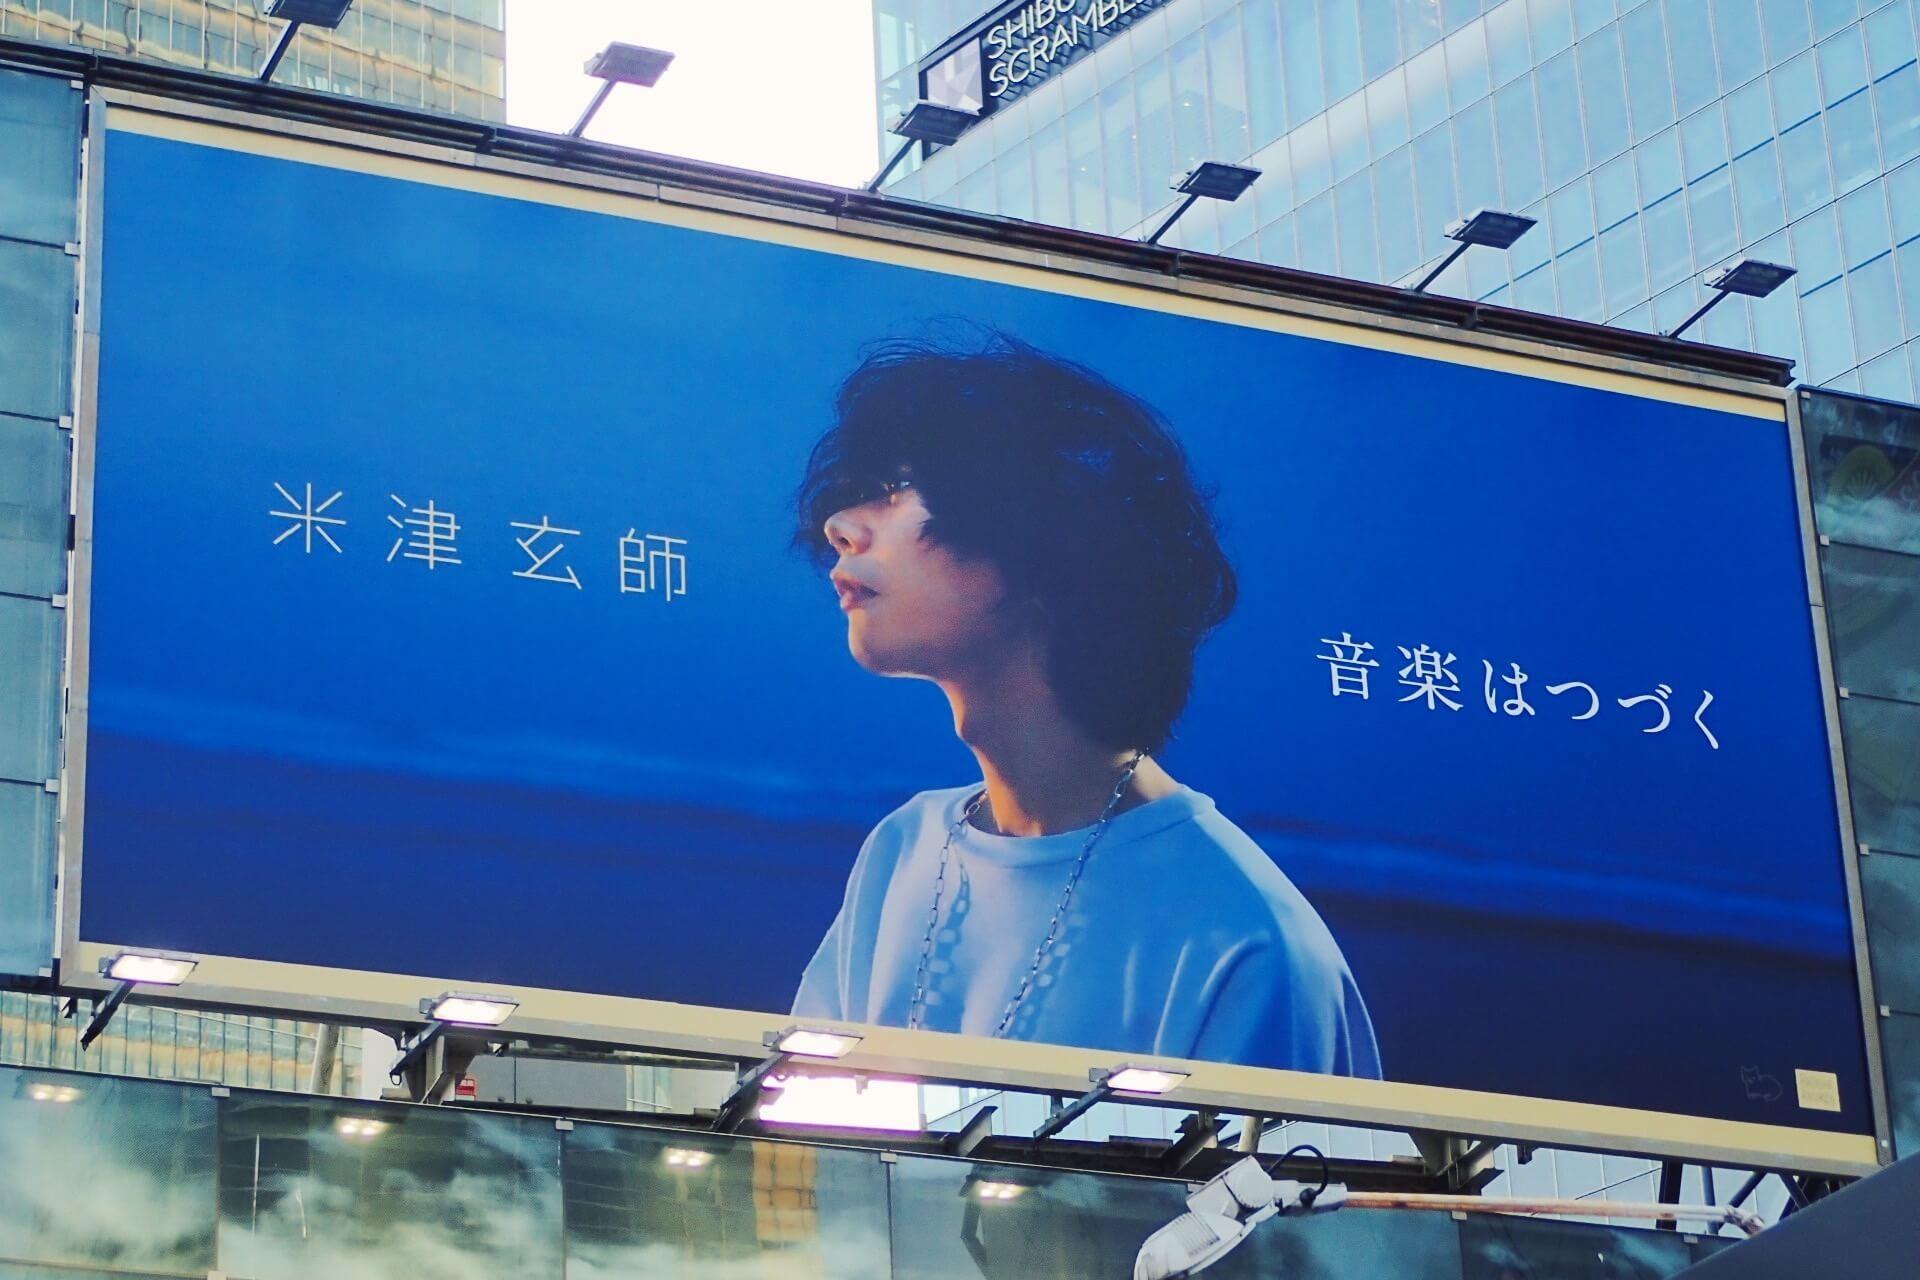 米津玄師から感謝の言葉!「Lemon」日米初の年間チャートV2で渋谷に感謝ボードを掲出 music191216_yonezukenshi_1